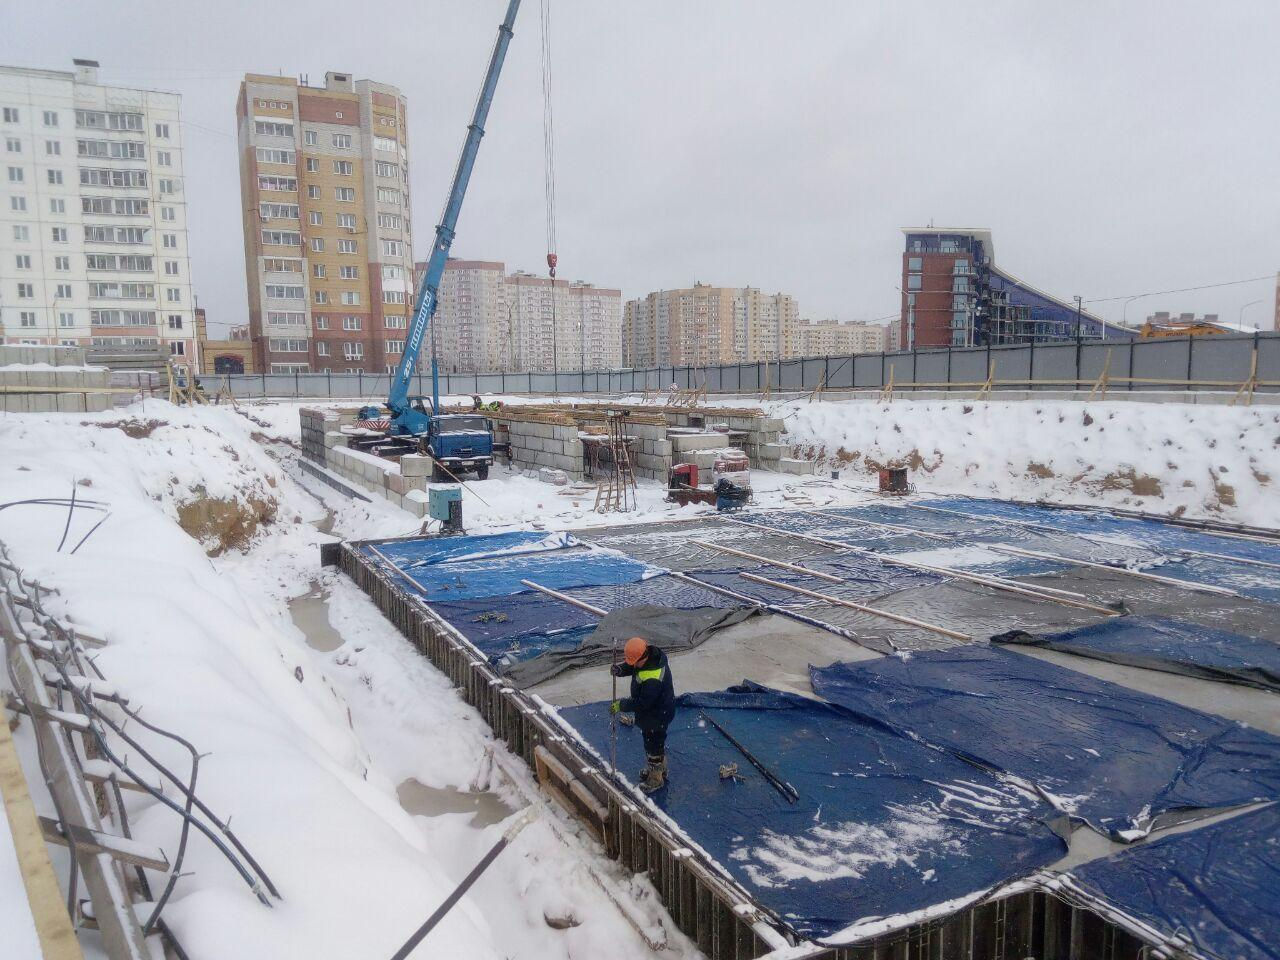 Во Фрунзенском районе Ярославля строят новую школу на 750 мест, открытие в 2021 году